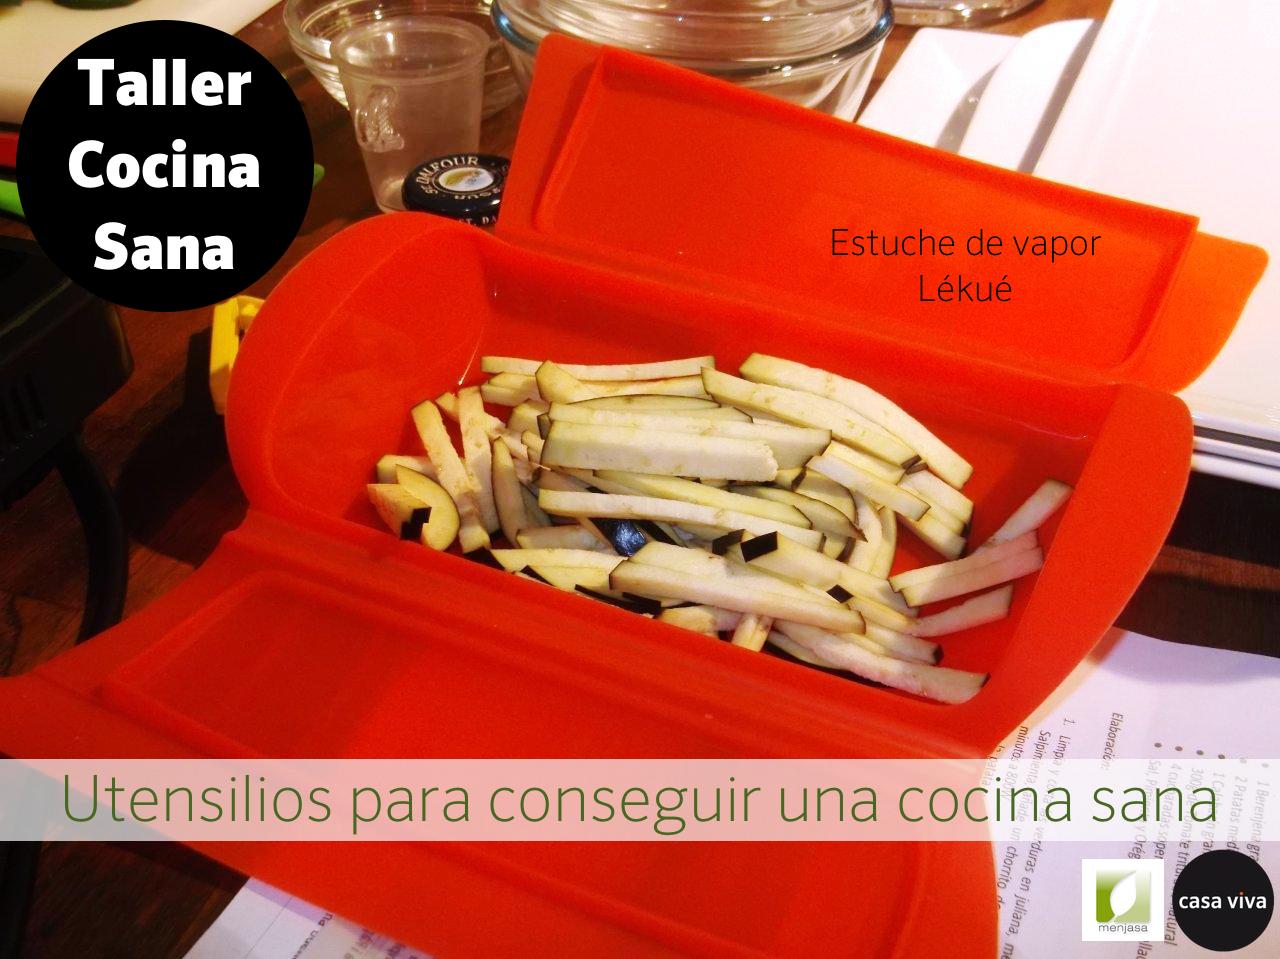 utensilios de cocina para cocinar alimentos saludables recetas con valor nutricional hechas con muy poco